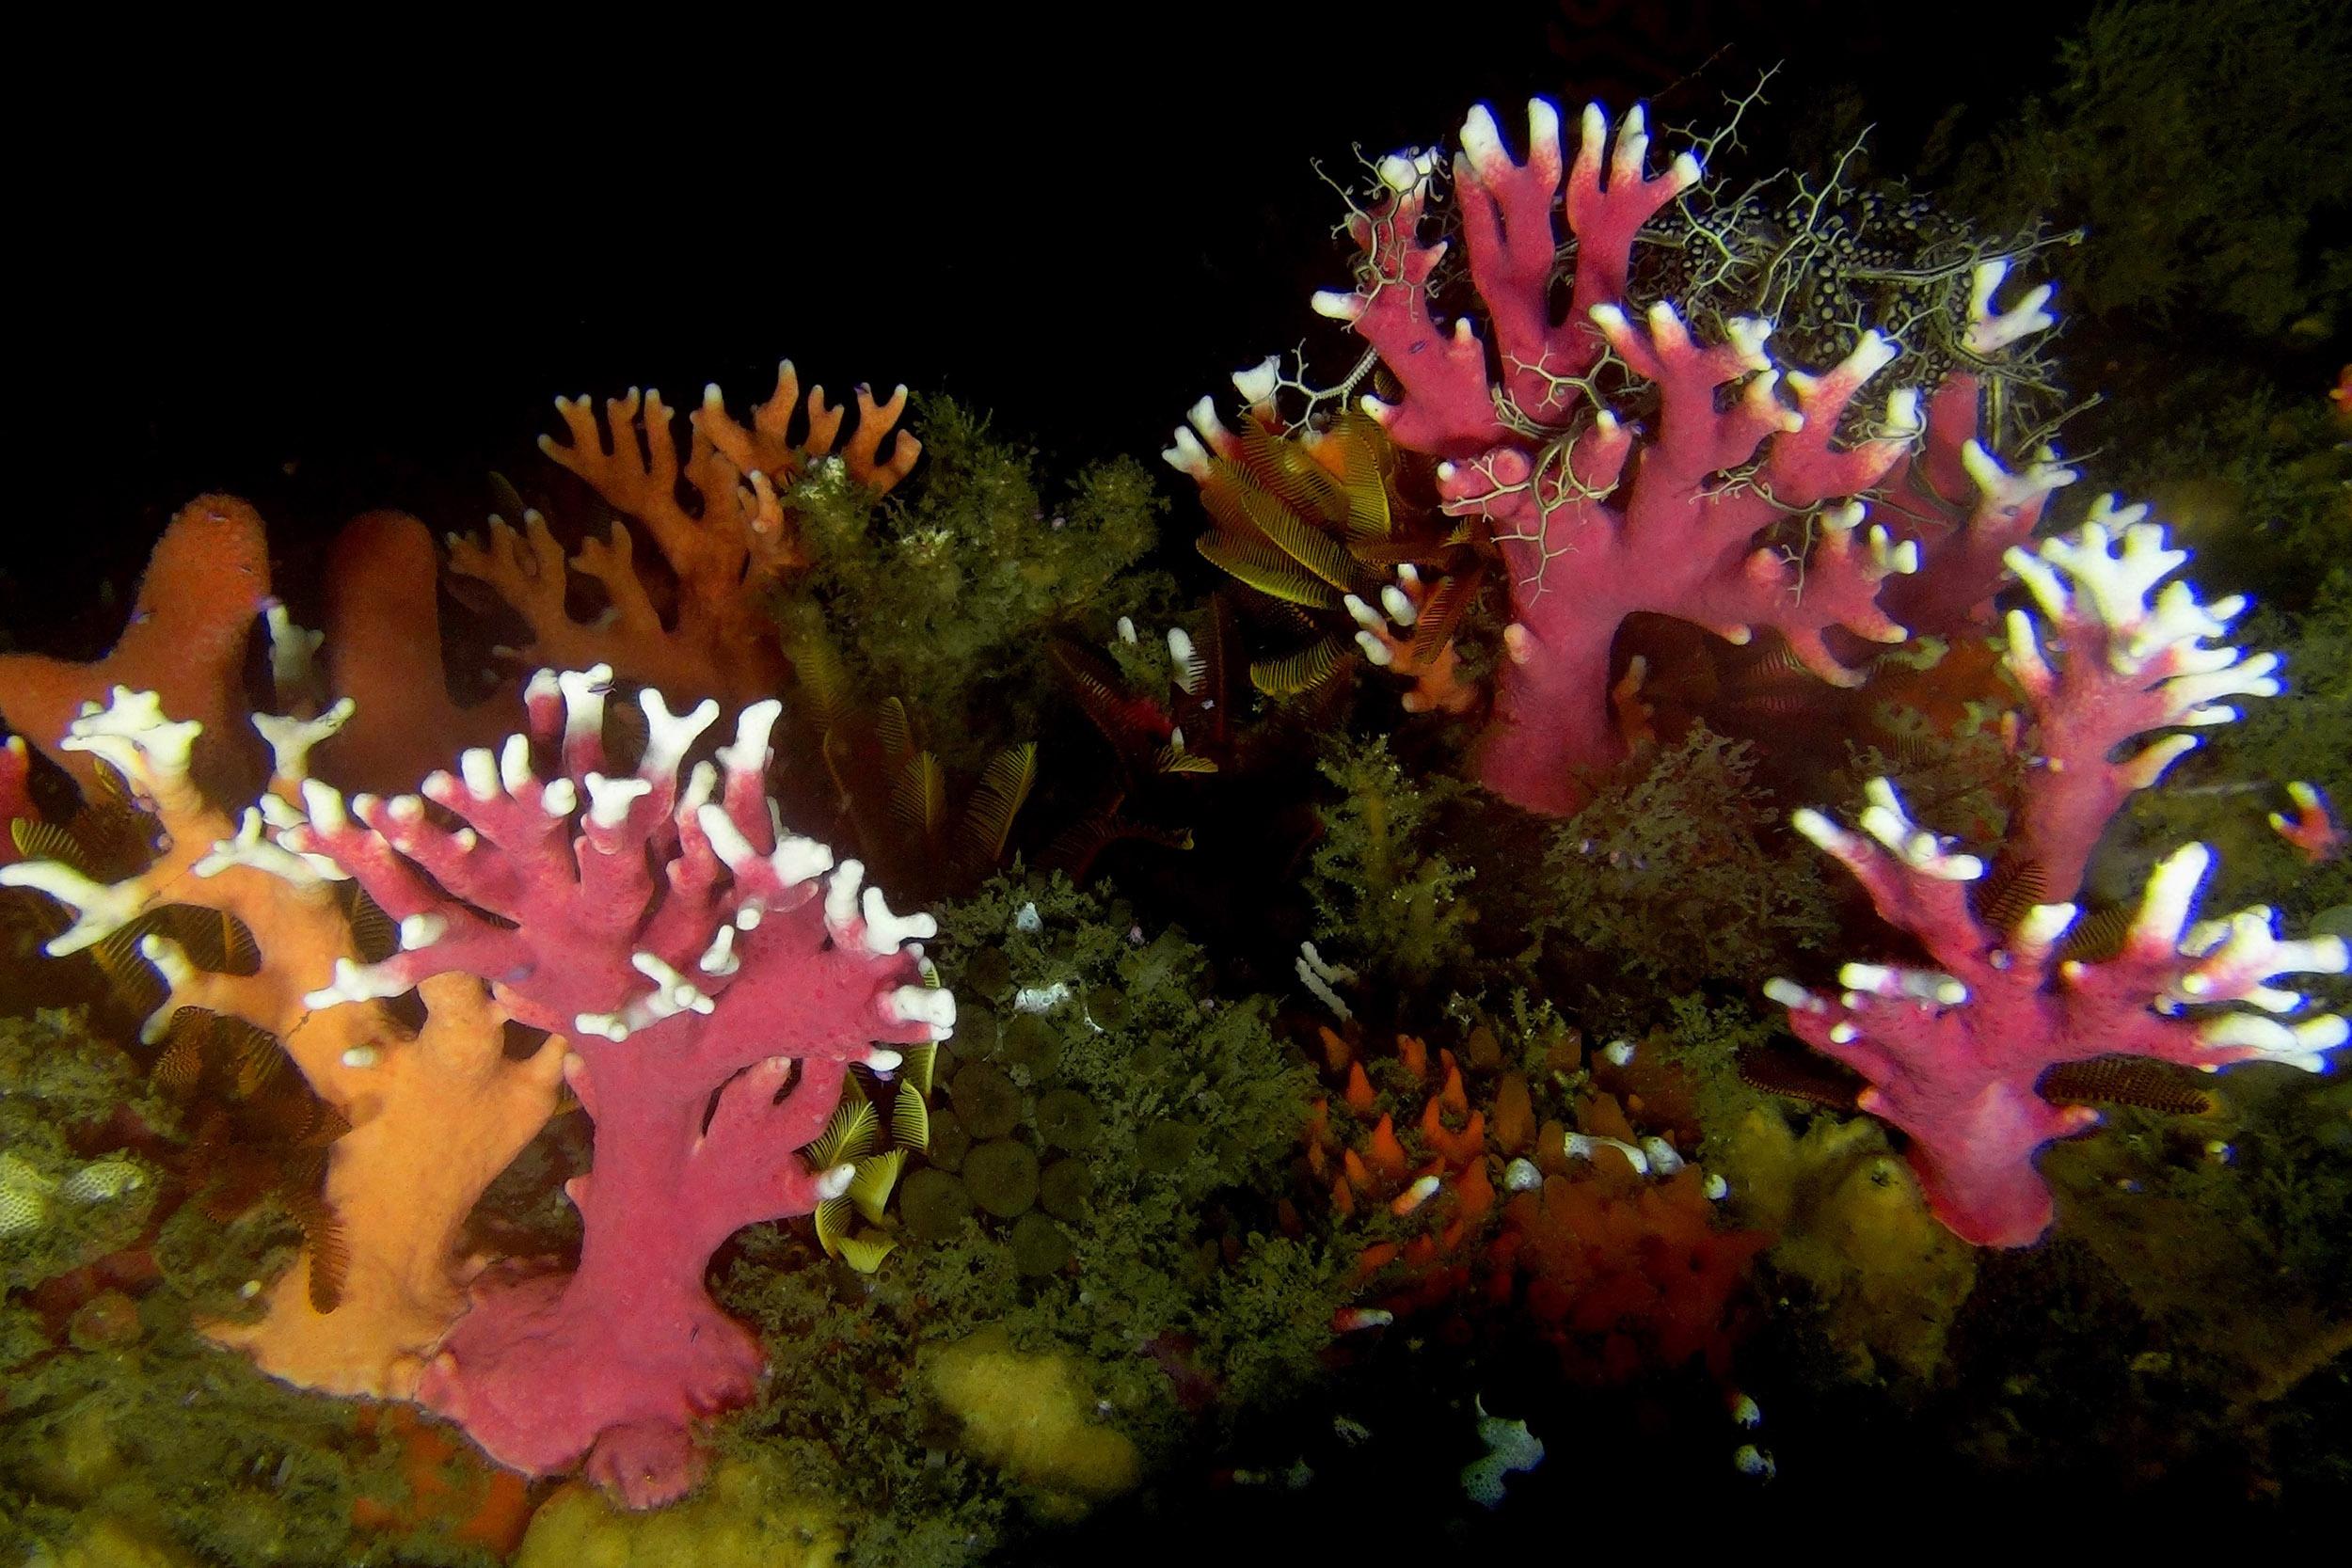 Lace corals